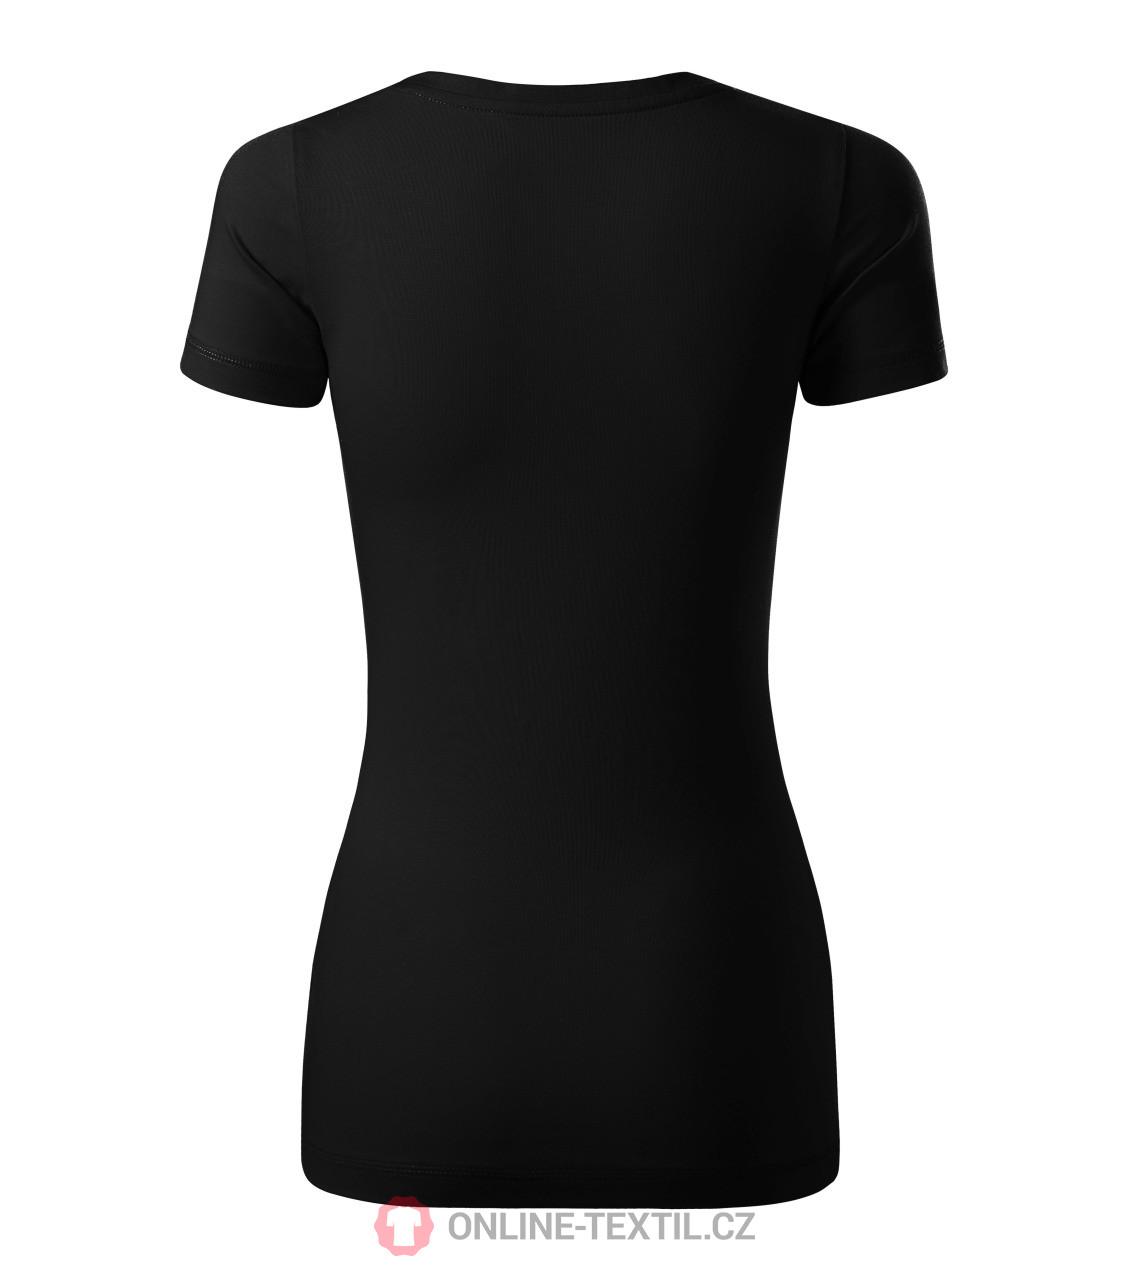 ADLER CZECH Prémiové dámské tričko Action vyšší gramáže 152 - černá ... 19ef996d5a